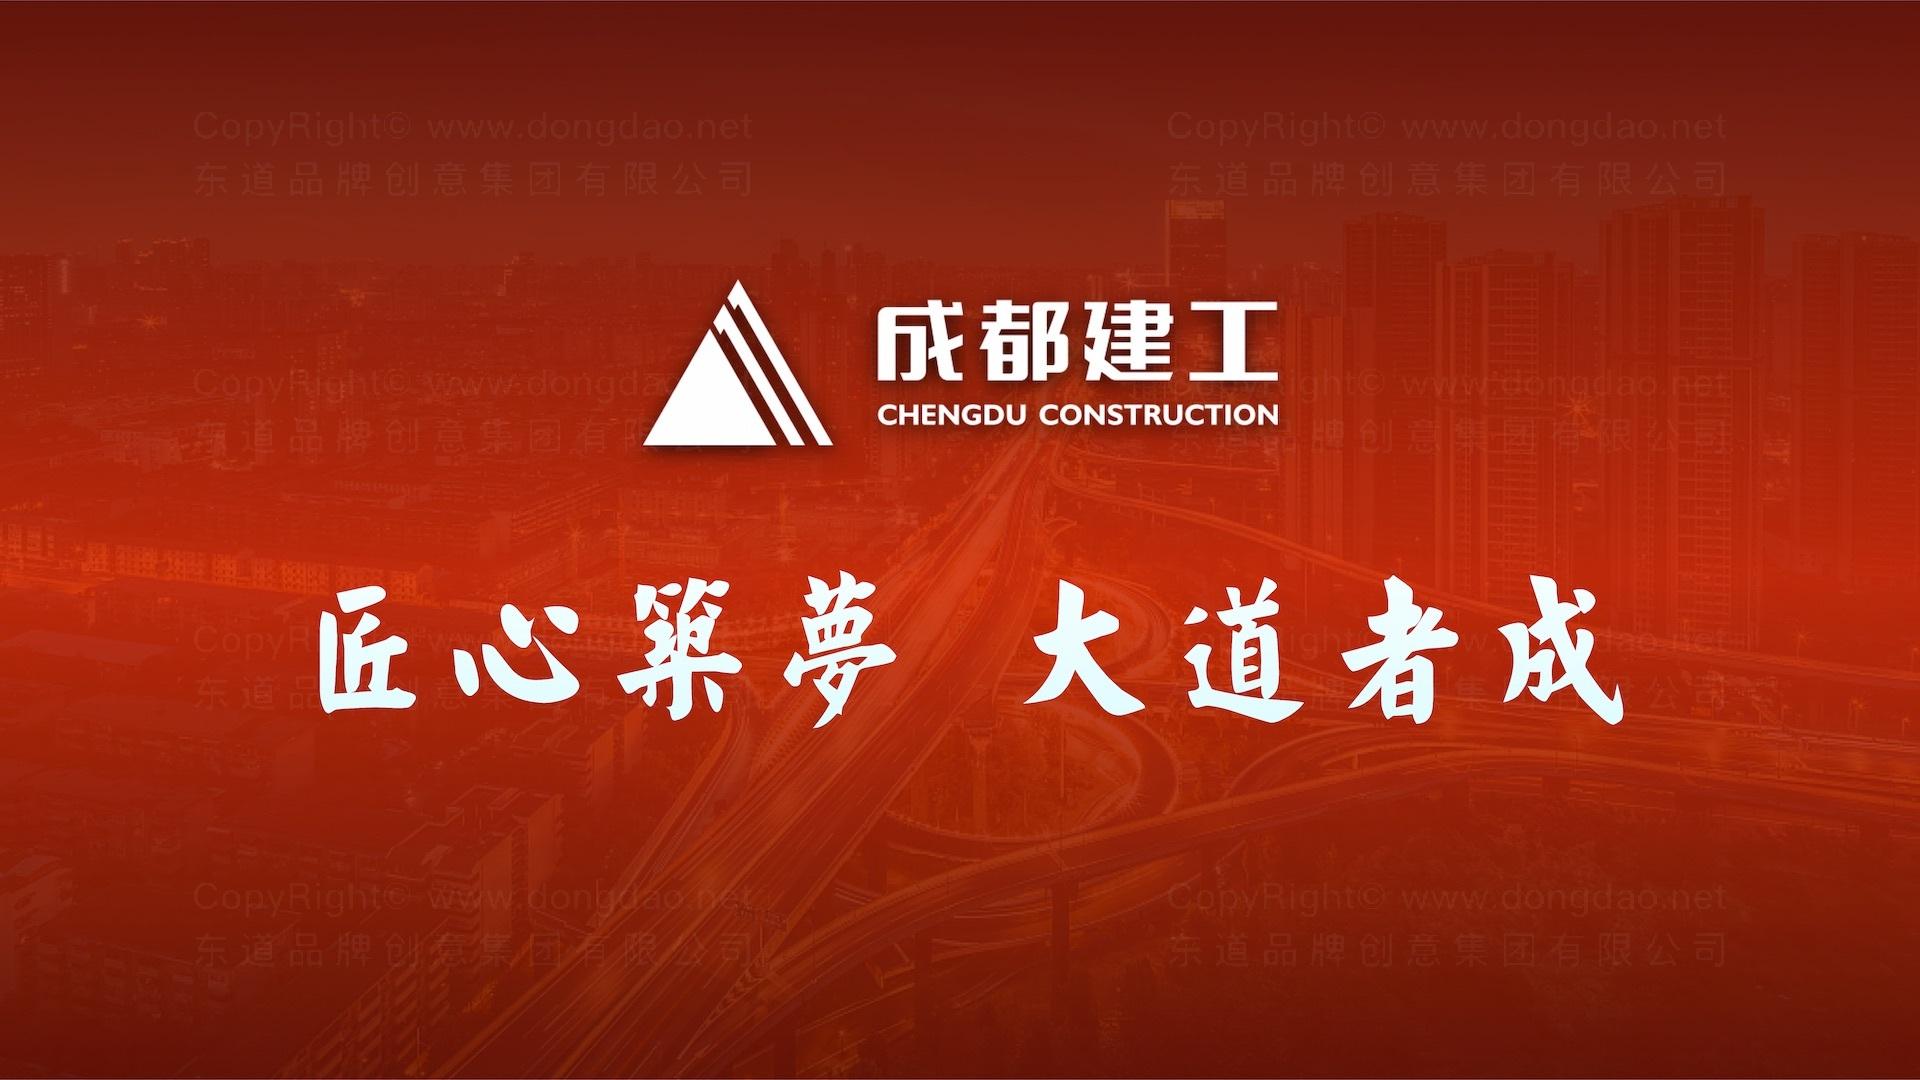 品牌战略&企业文化成都建工企业文化体系方案应用场景_1